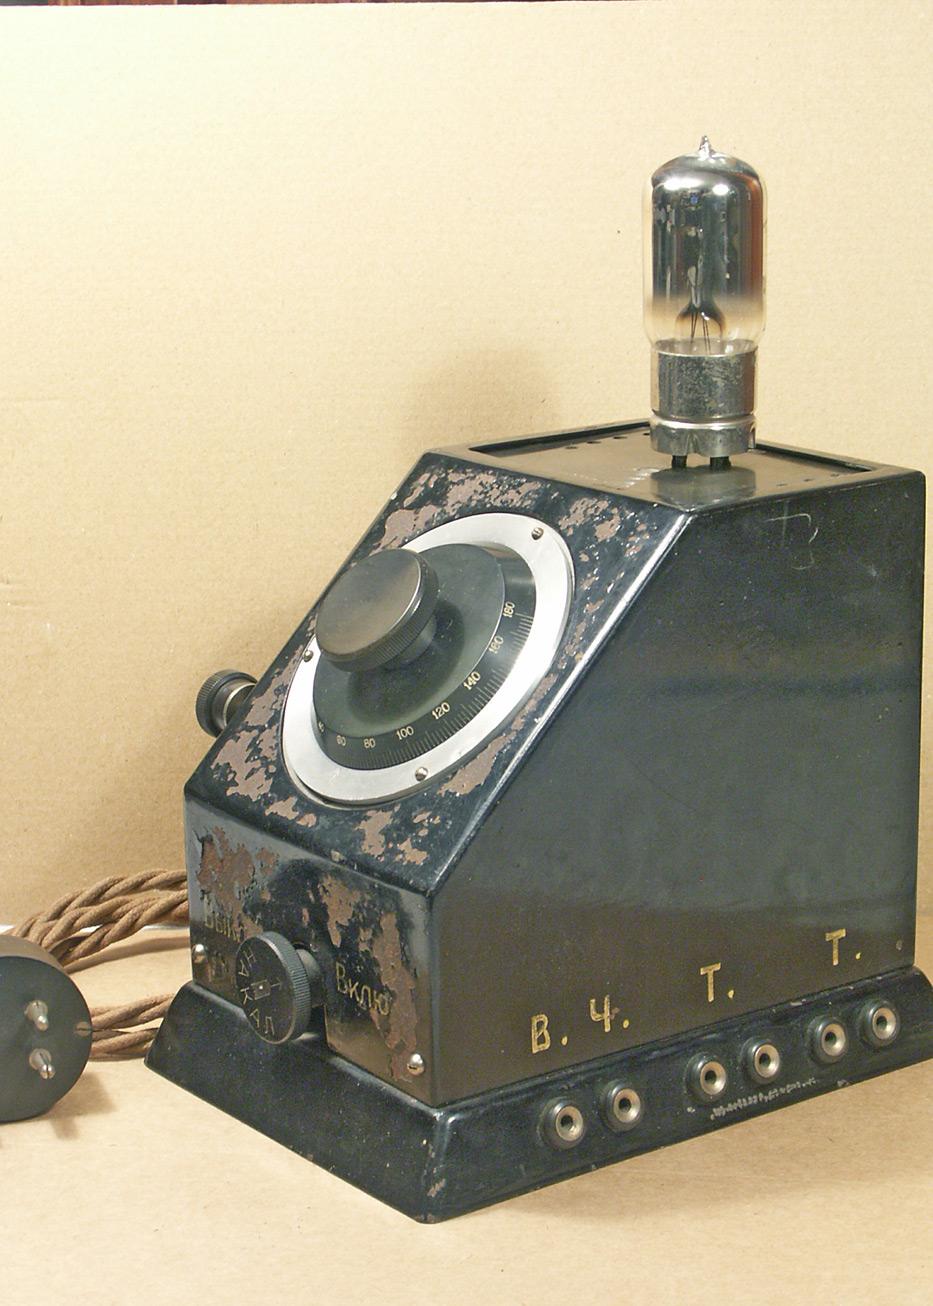 электрическая схема радиопередатчиков шпионов 20 века